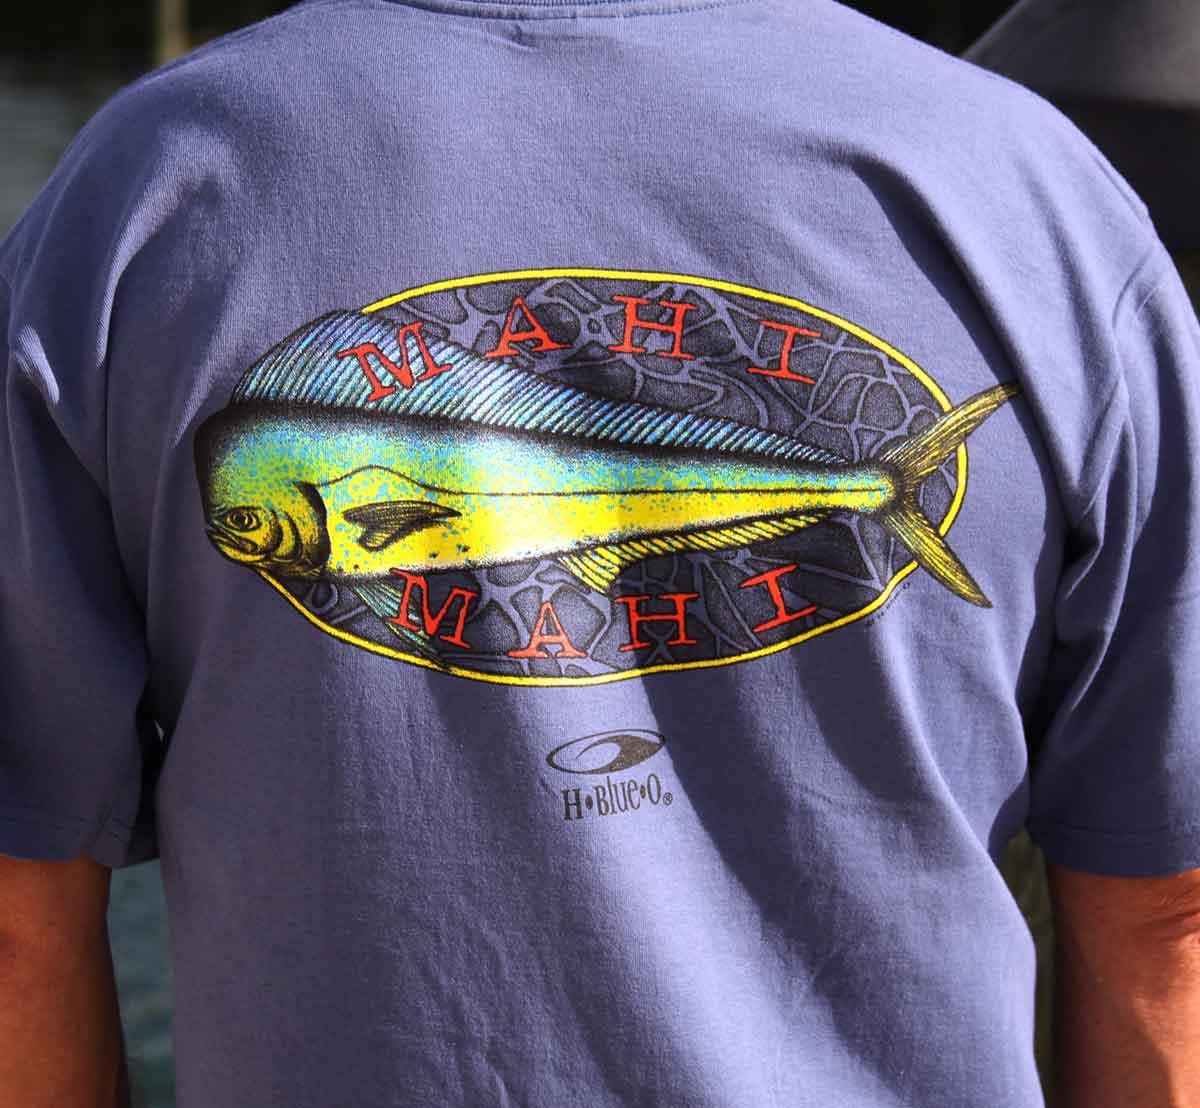 Love Mahi Mahi T Shirt Design Mahi Mahi Tee Shirt